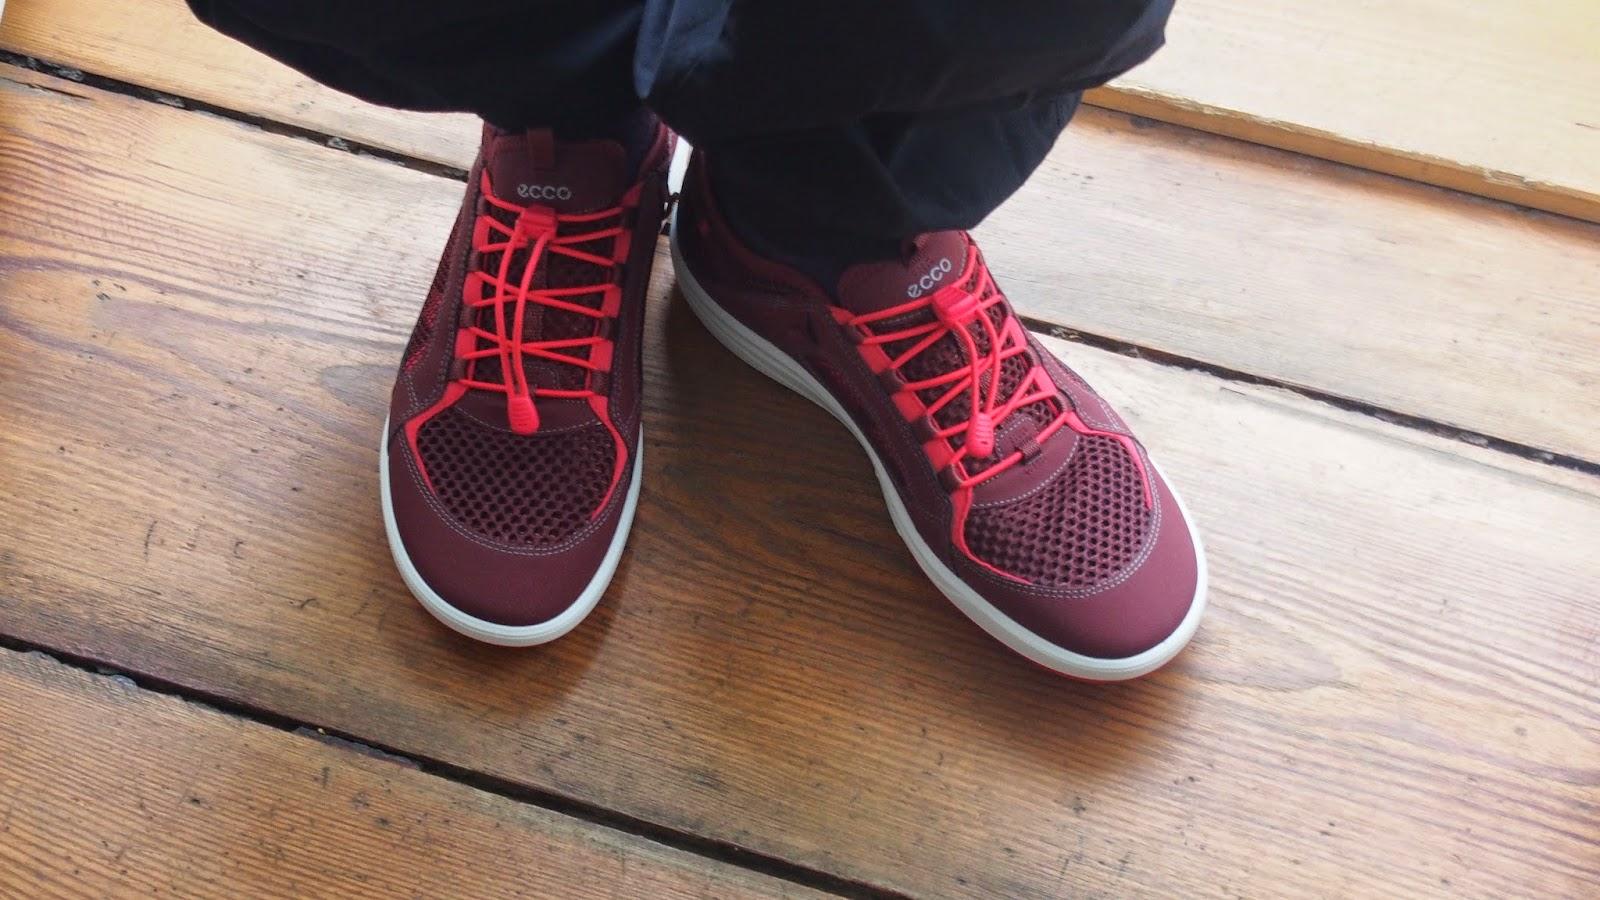 Uudet kengät Fitness bootcamppia varten